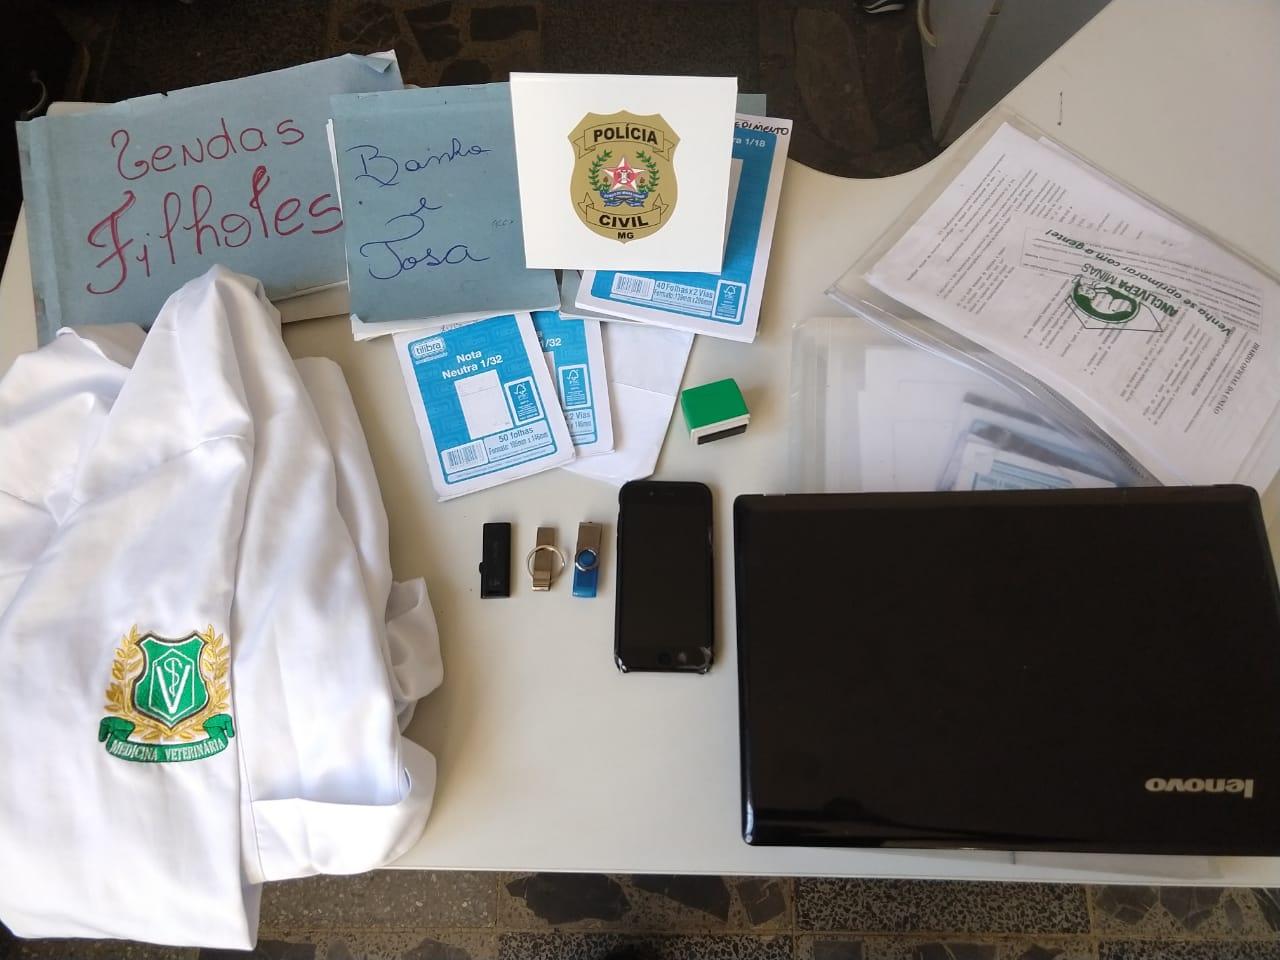 Polícia investiga atuação de falso médico veterinário em Pará de Minas - Foto: Divulgação/Polícia Civil